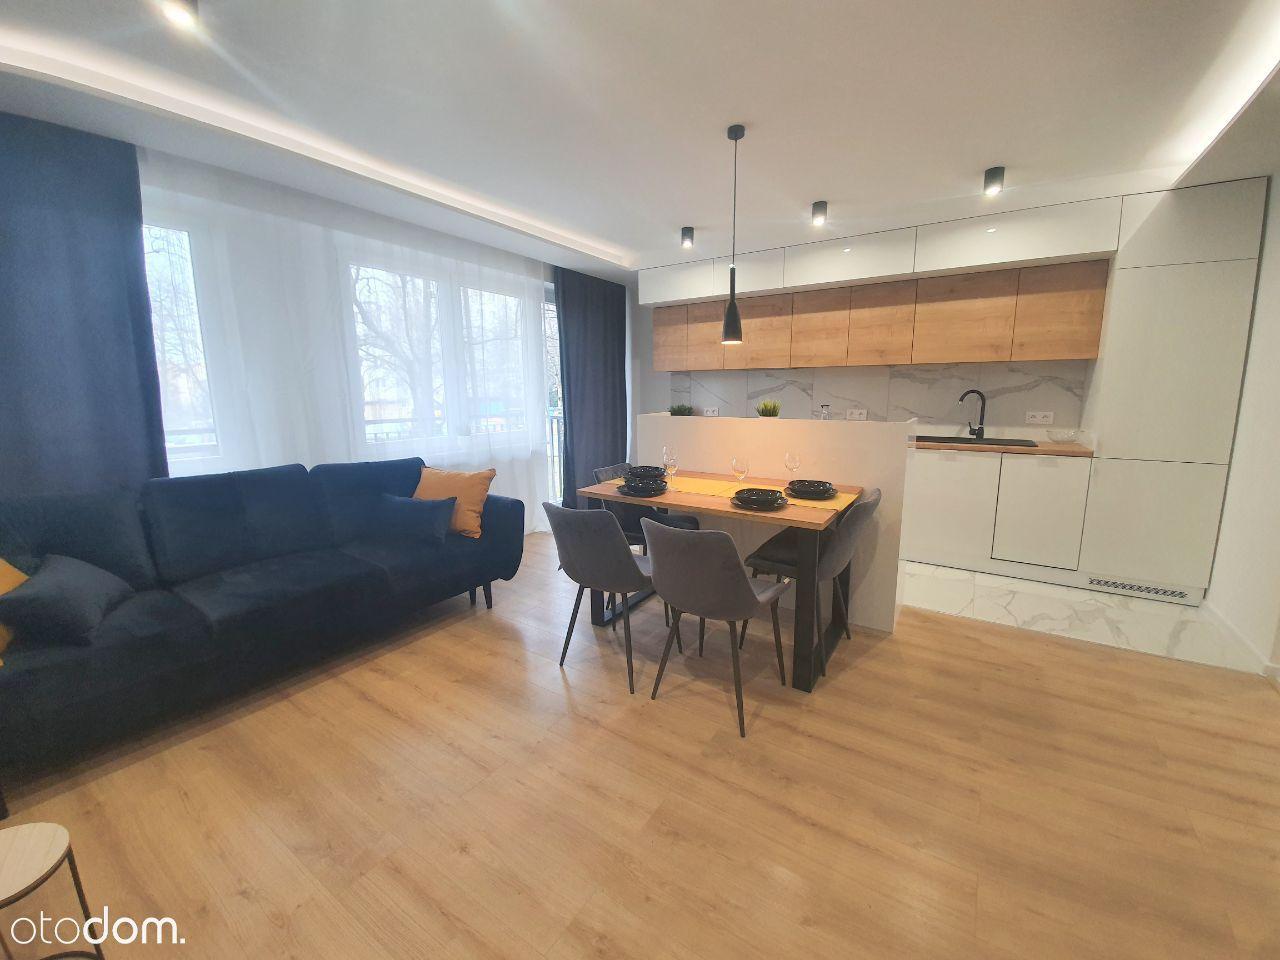 Mieszkanie 4 pokojowe w dzielnicy Czechów